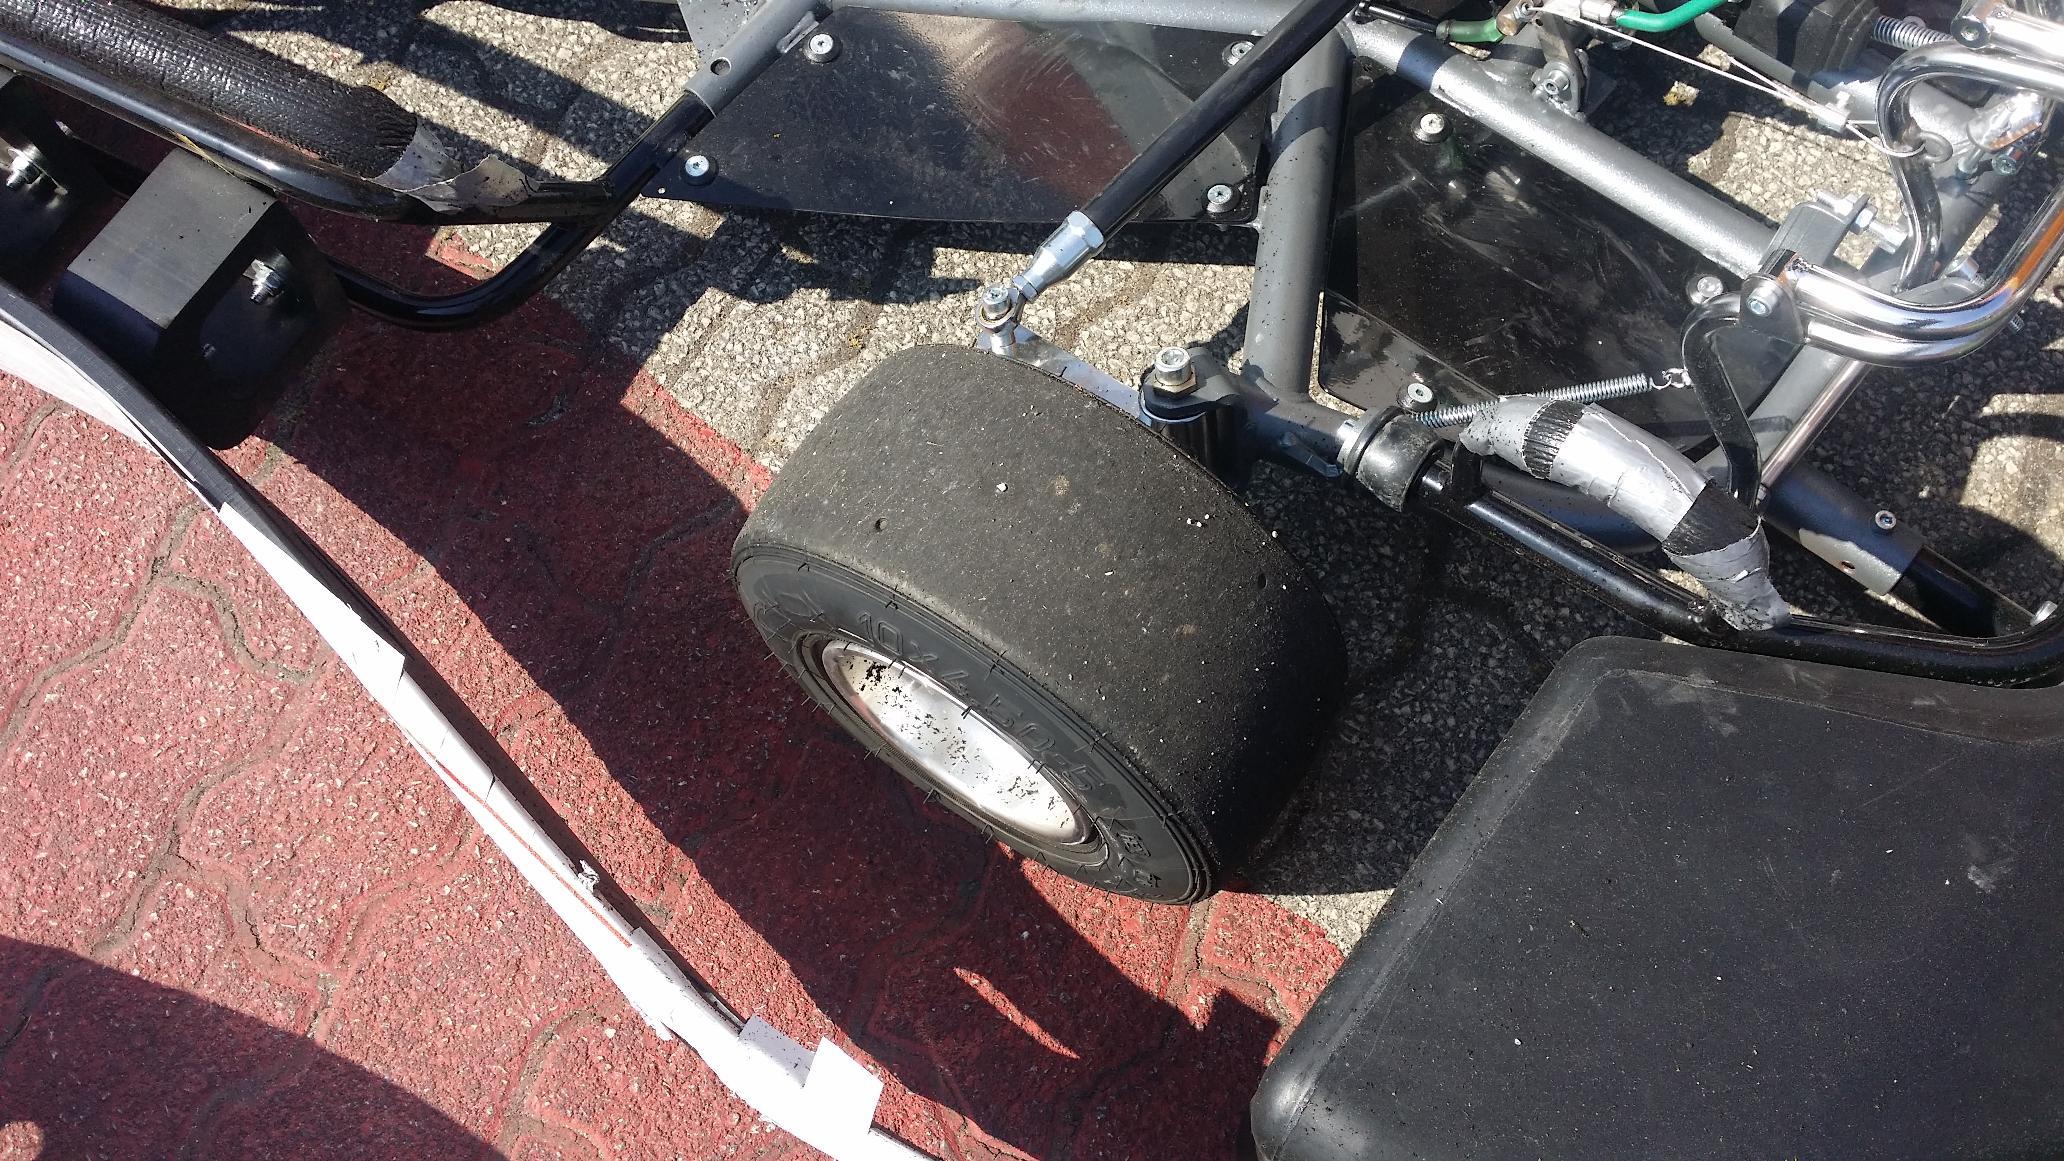 No final os karts e os pneus ficaram assim2